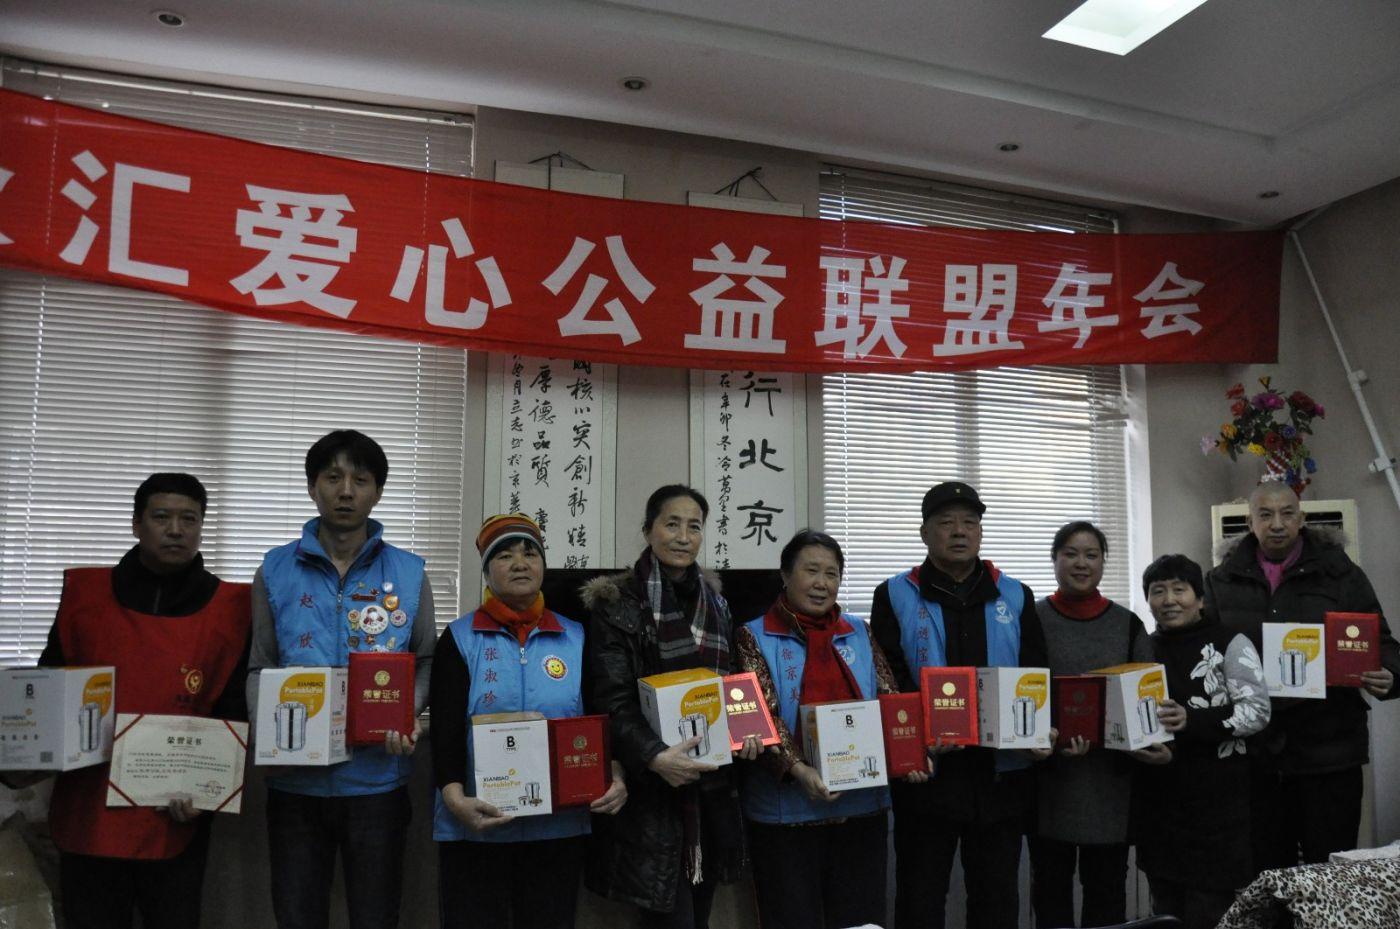 河北省采风学会北京分会会刊 总第16期_图1-5